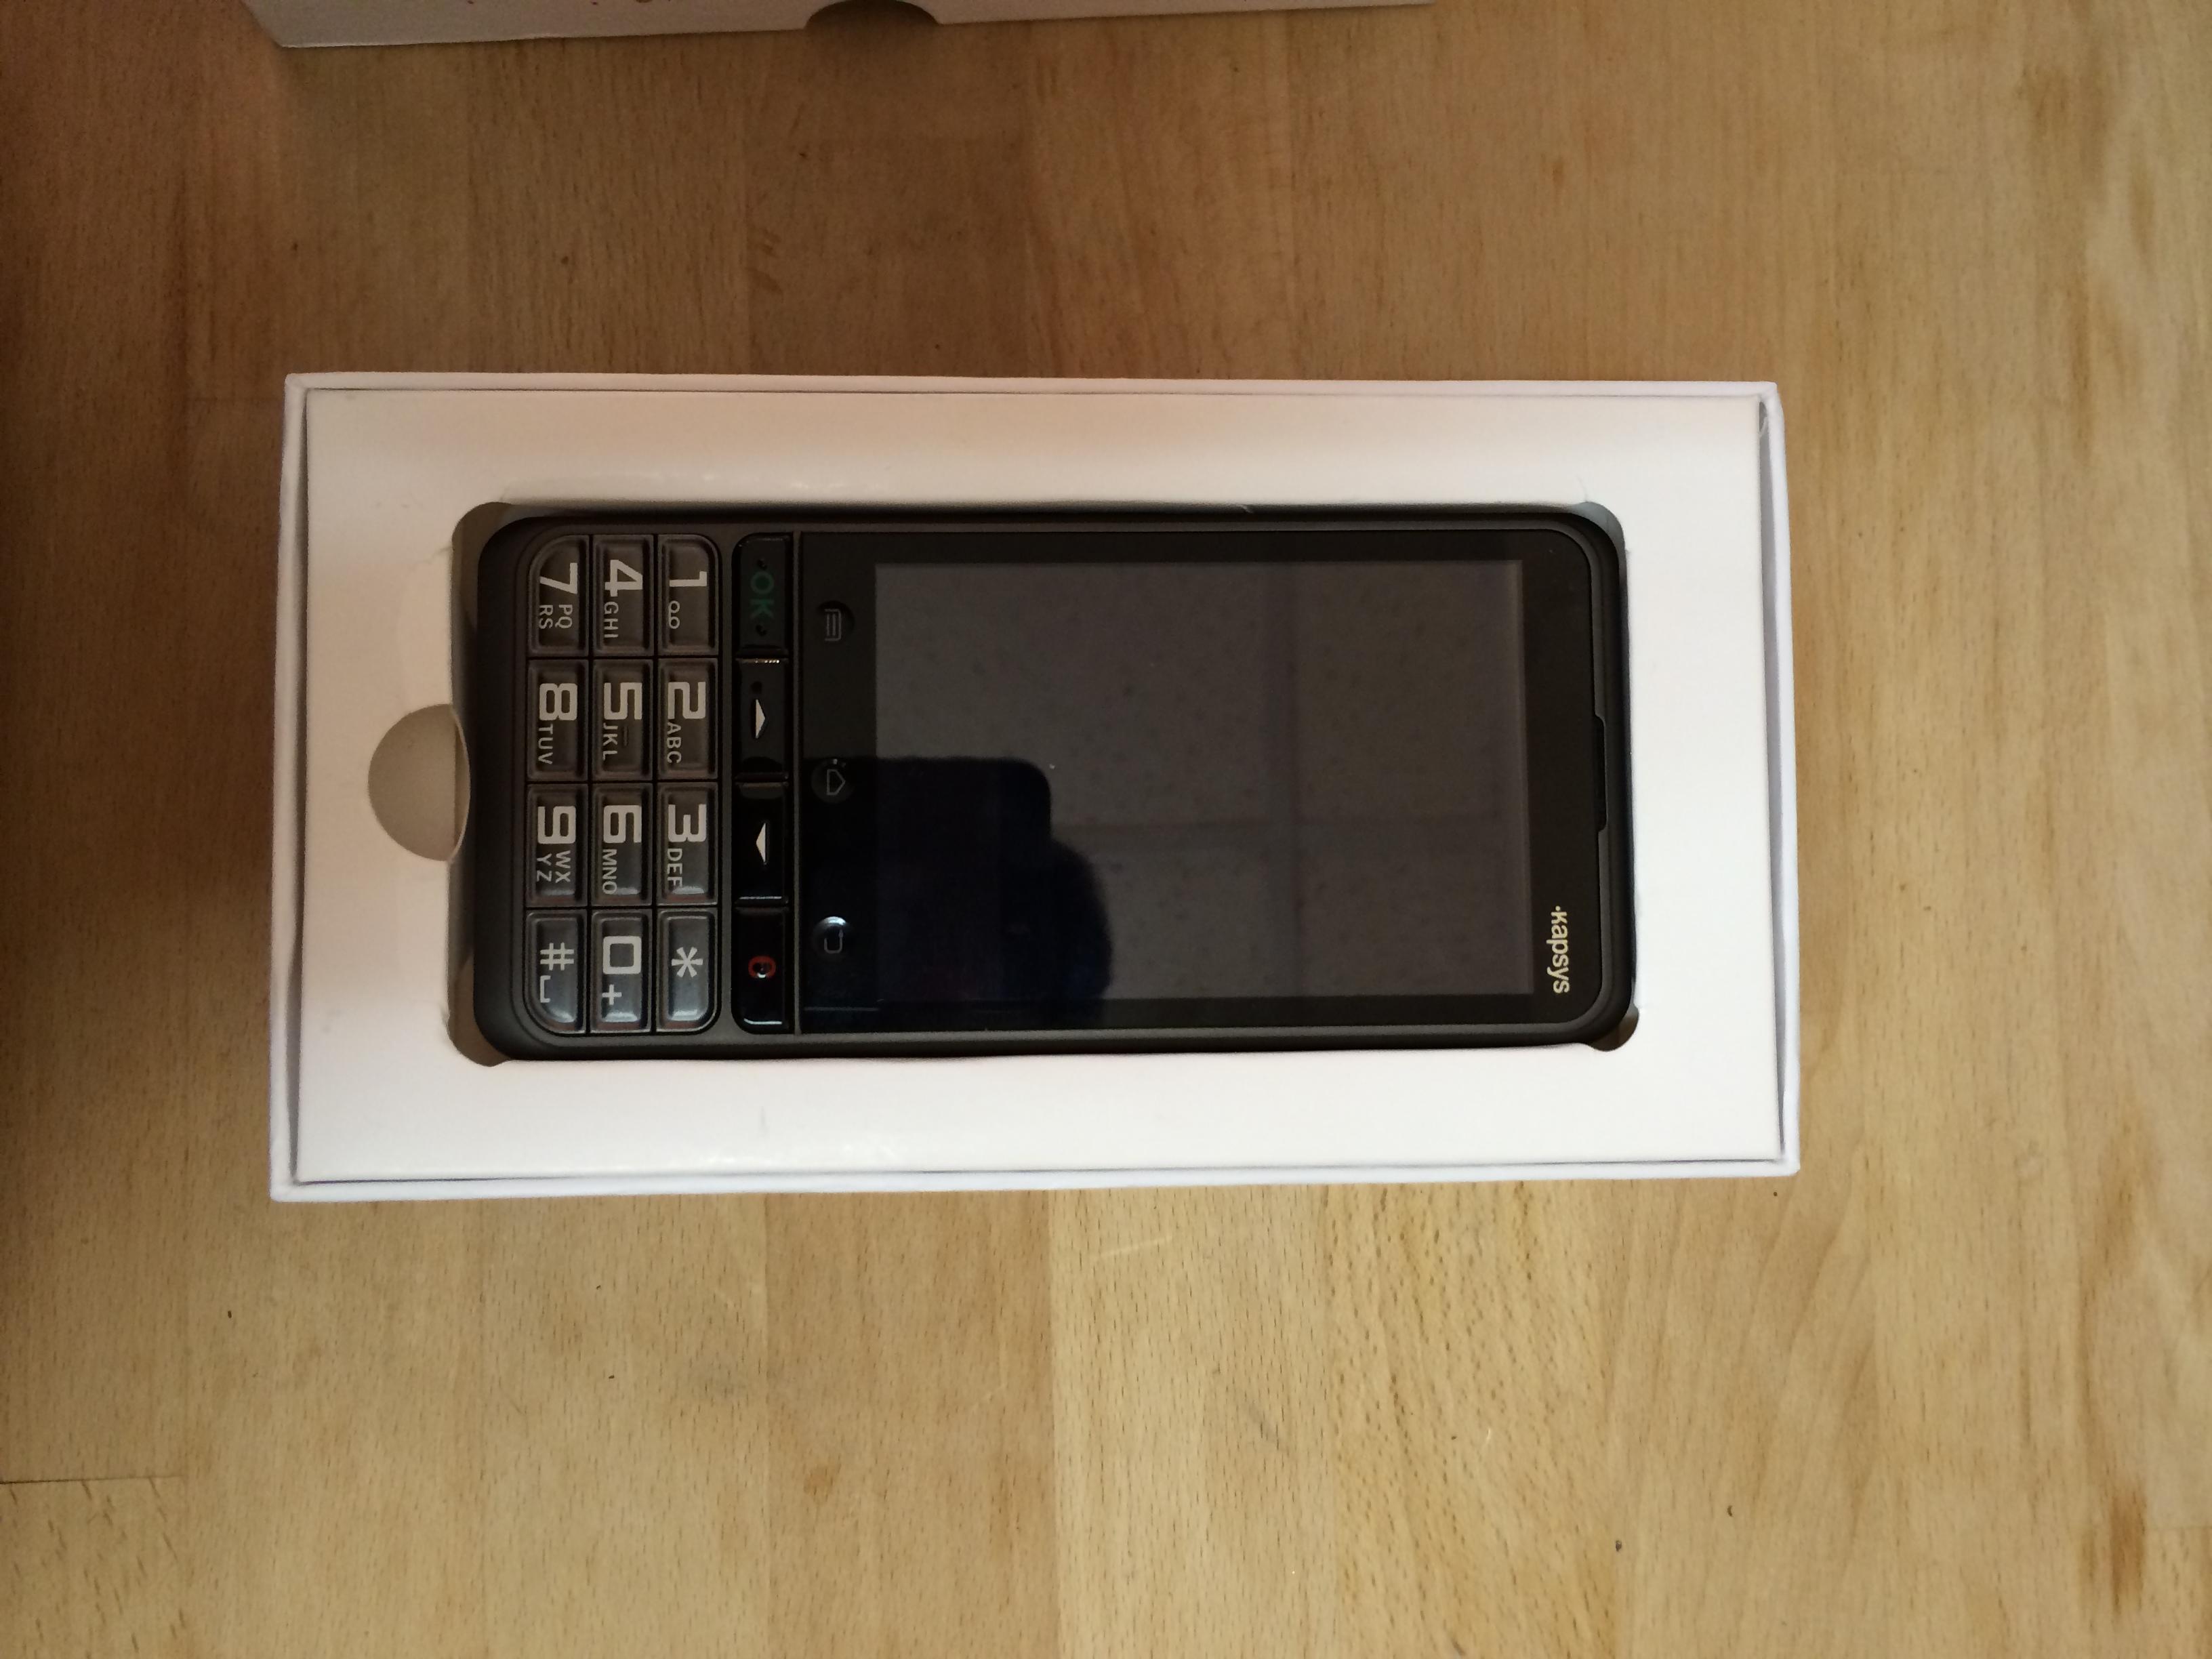 2013-12-20-12.15.02 Kapsys SmartConnect, le smartphone pour senior